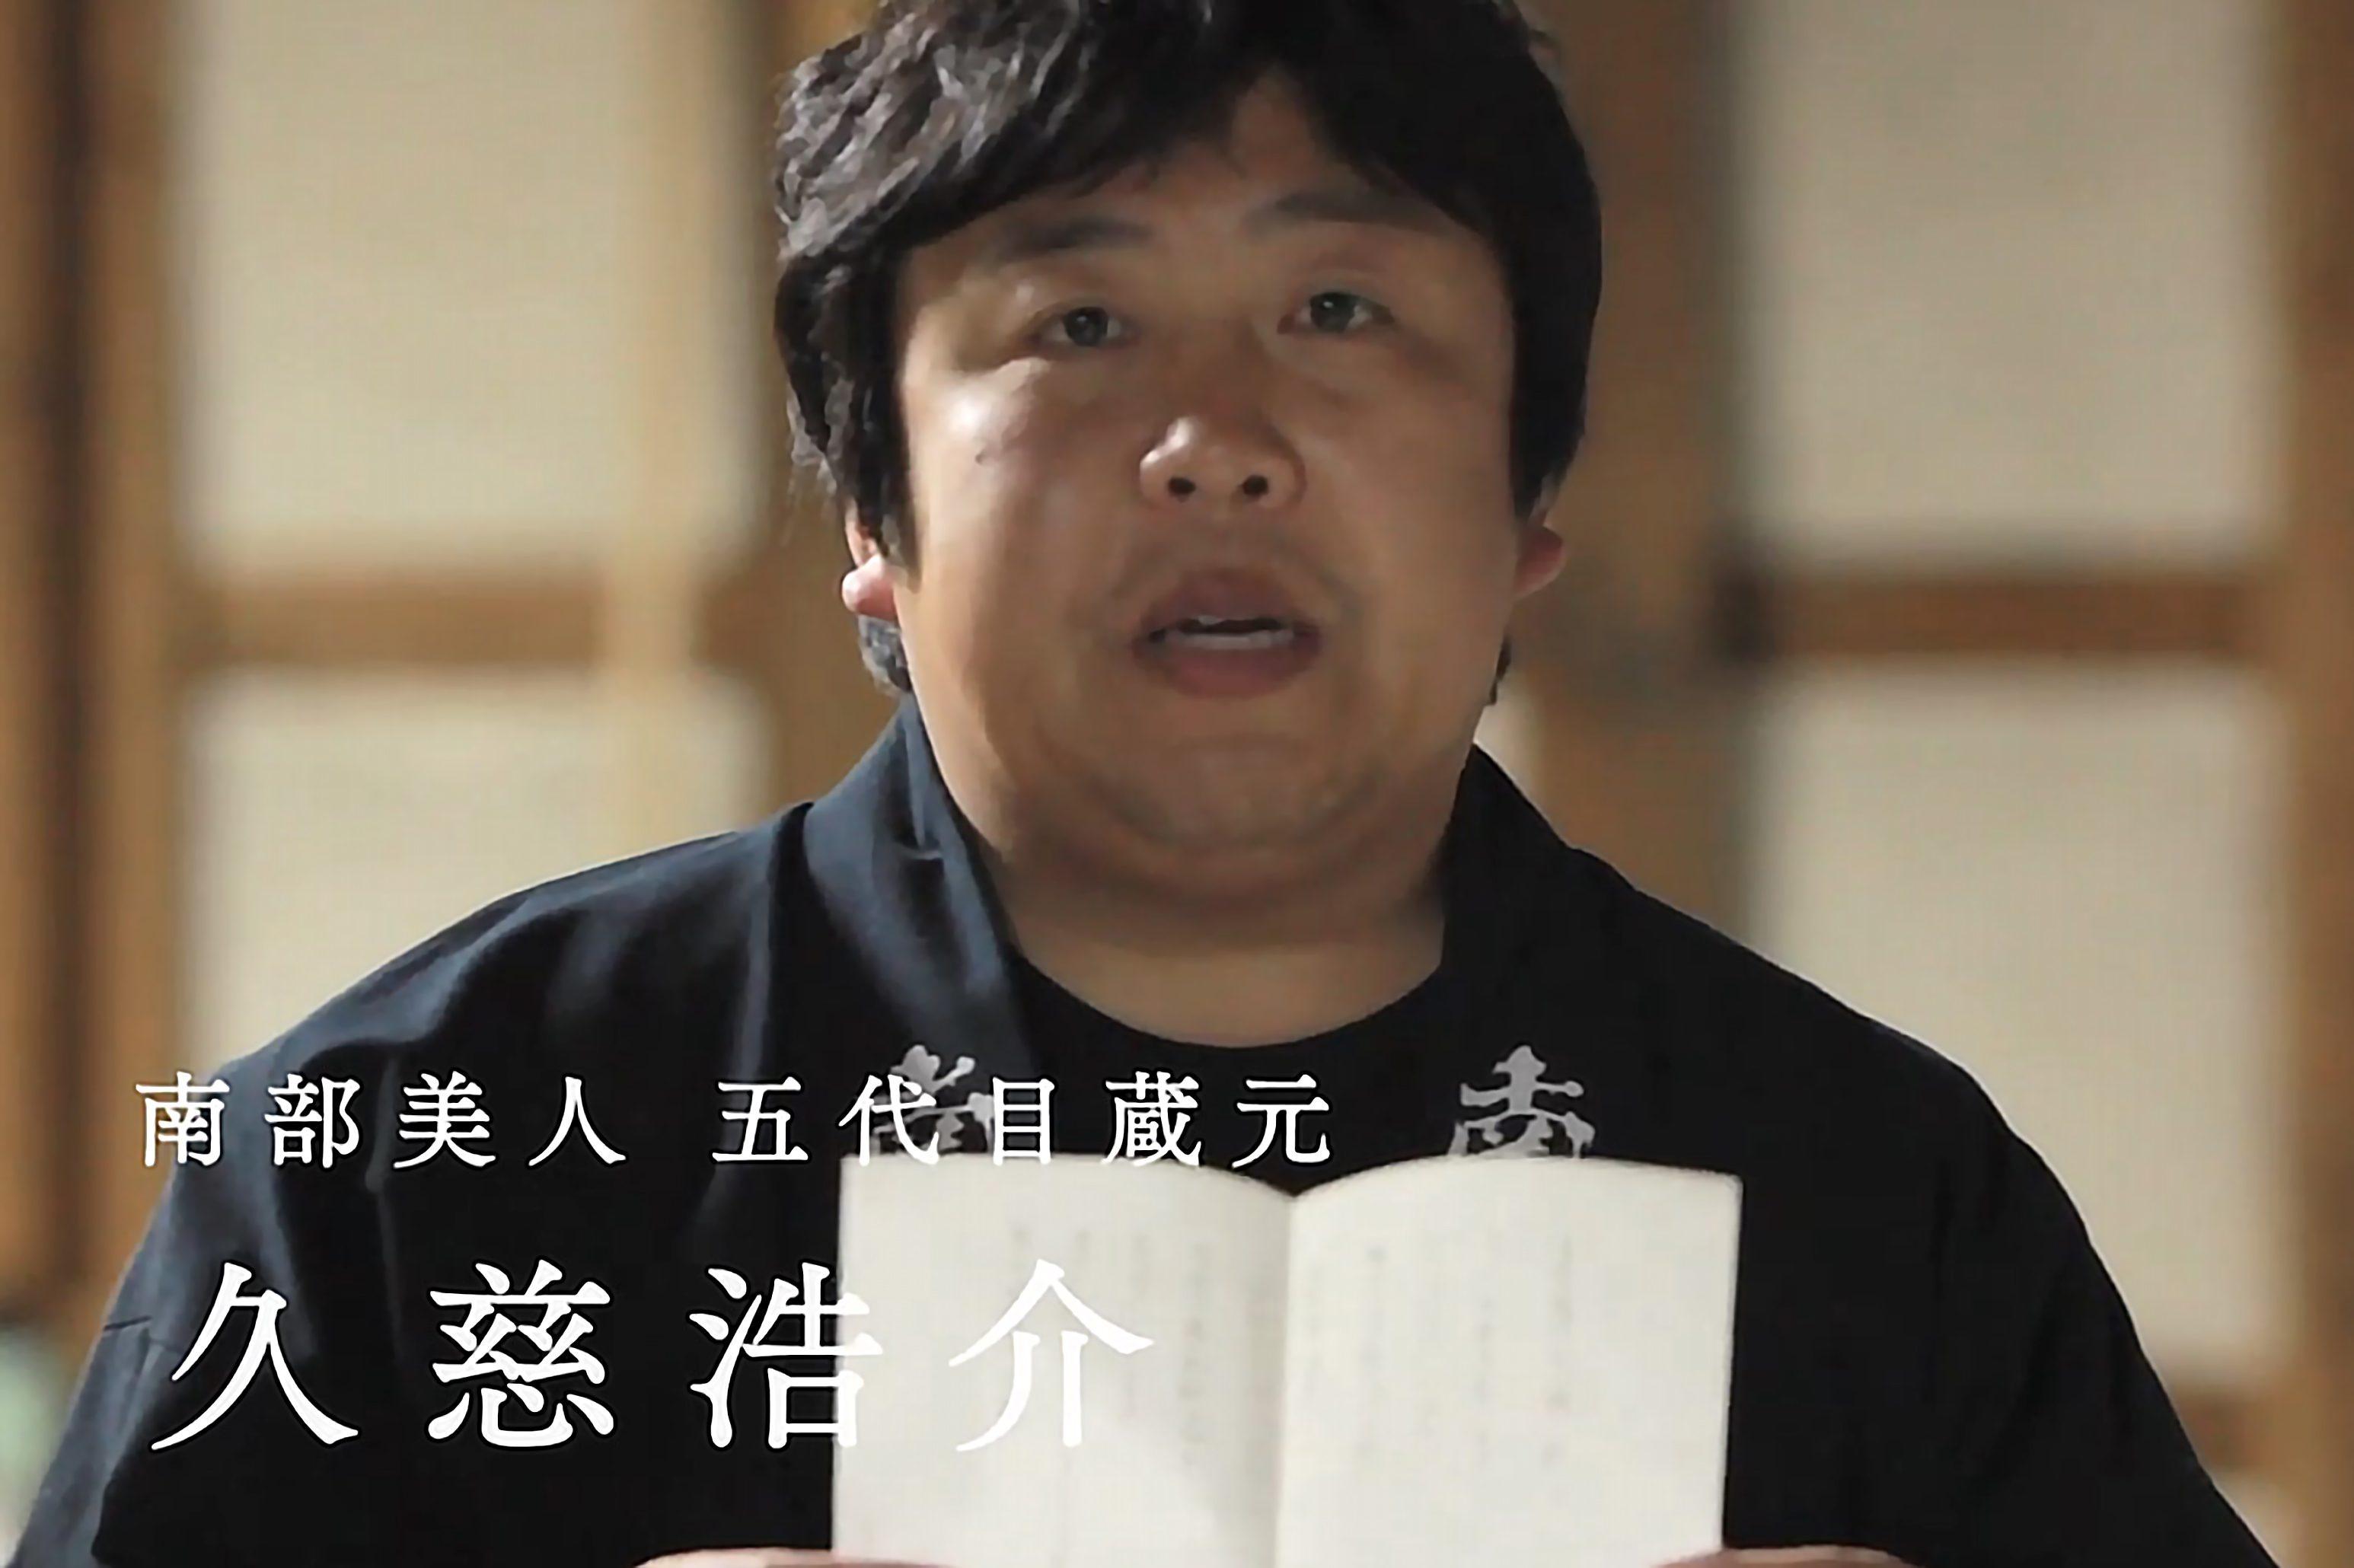 ハナサケニッポン・南部美人・久慈浩介